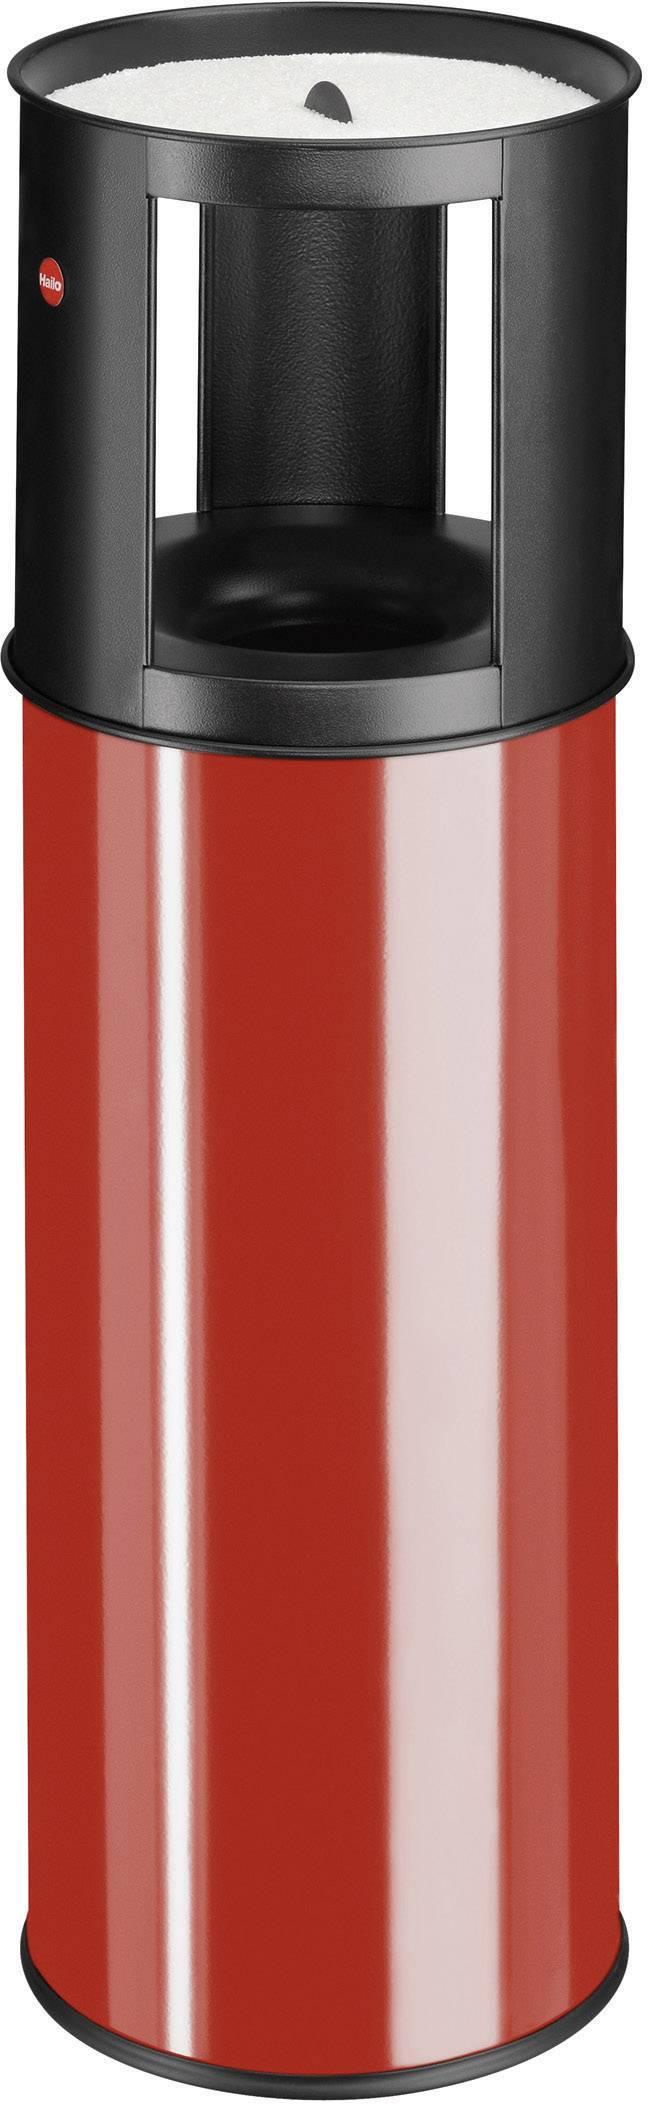 N/A s popelníkem Hailo ProfiLine care L, 800 mm, Vnější Ø 260 mm, 25 l, červená